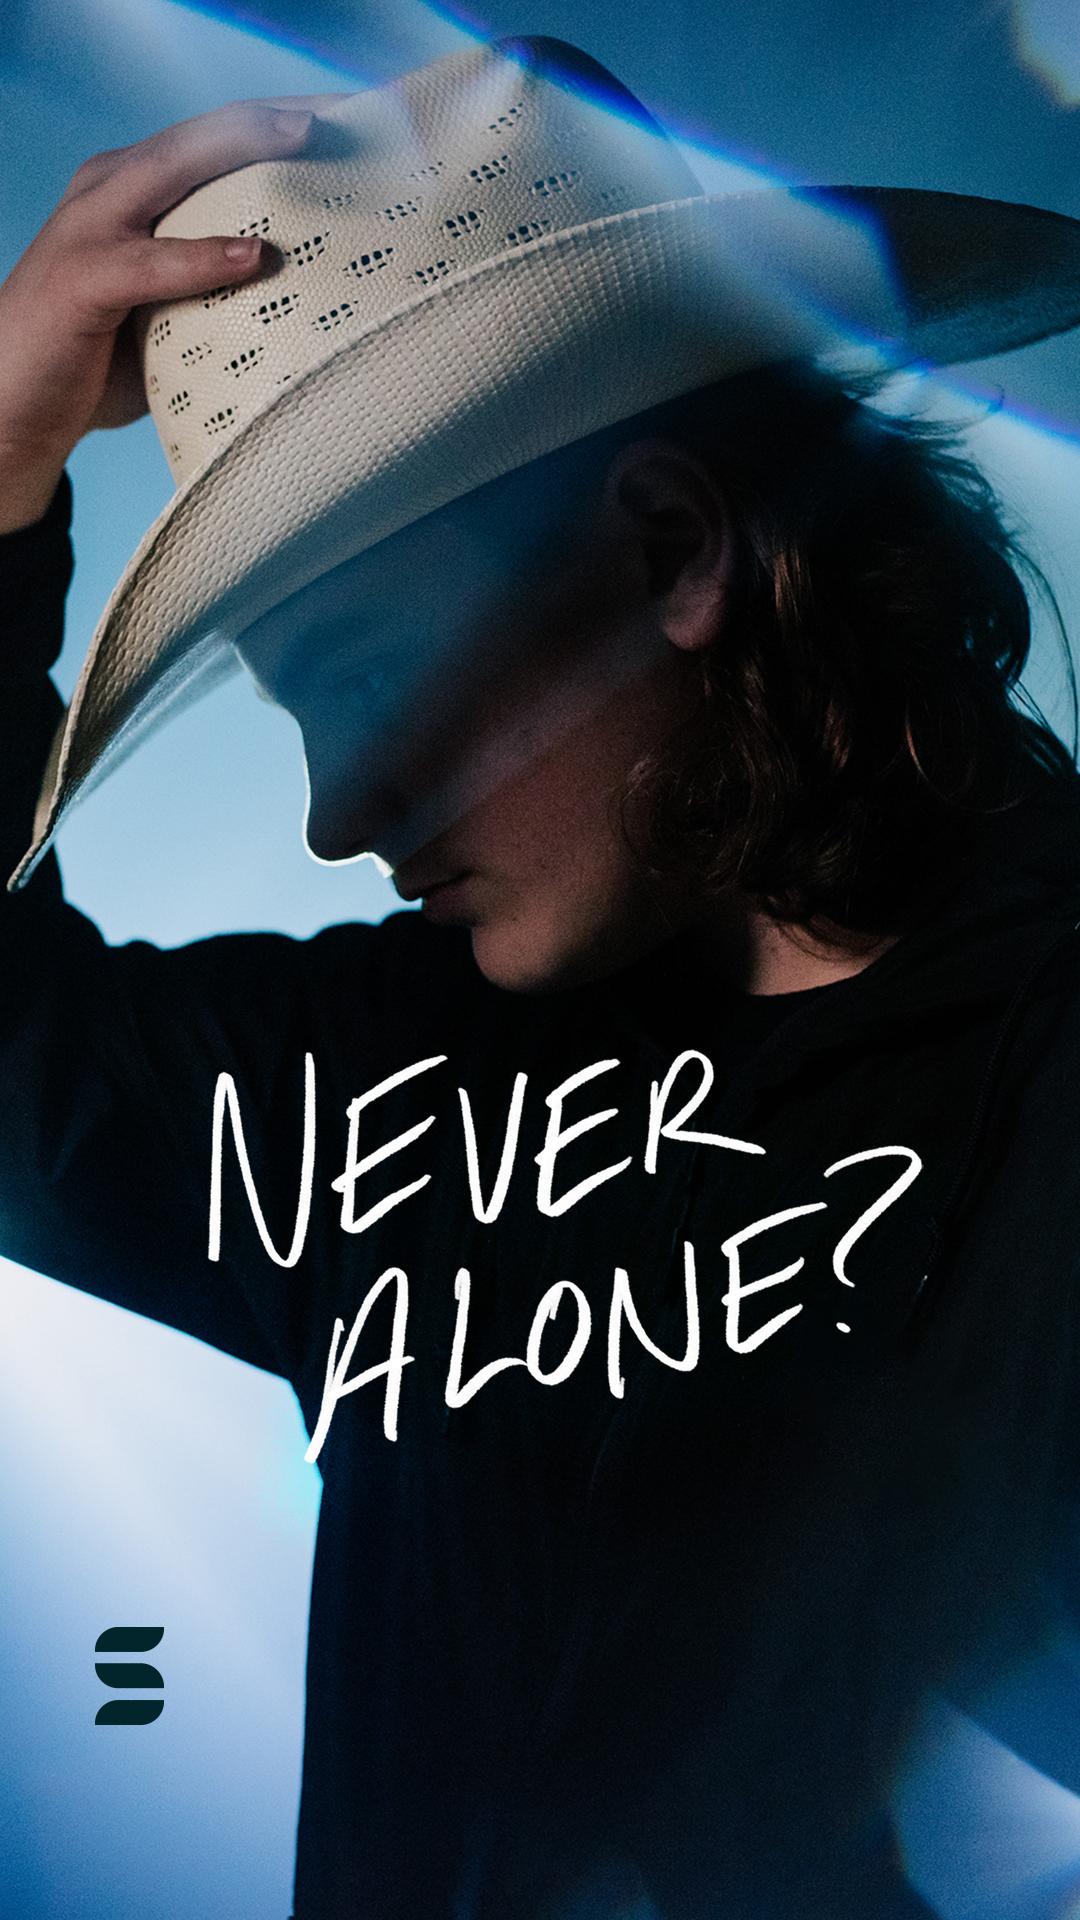 Never Alone - Social Stories (JPG)